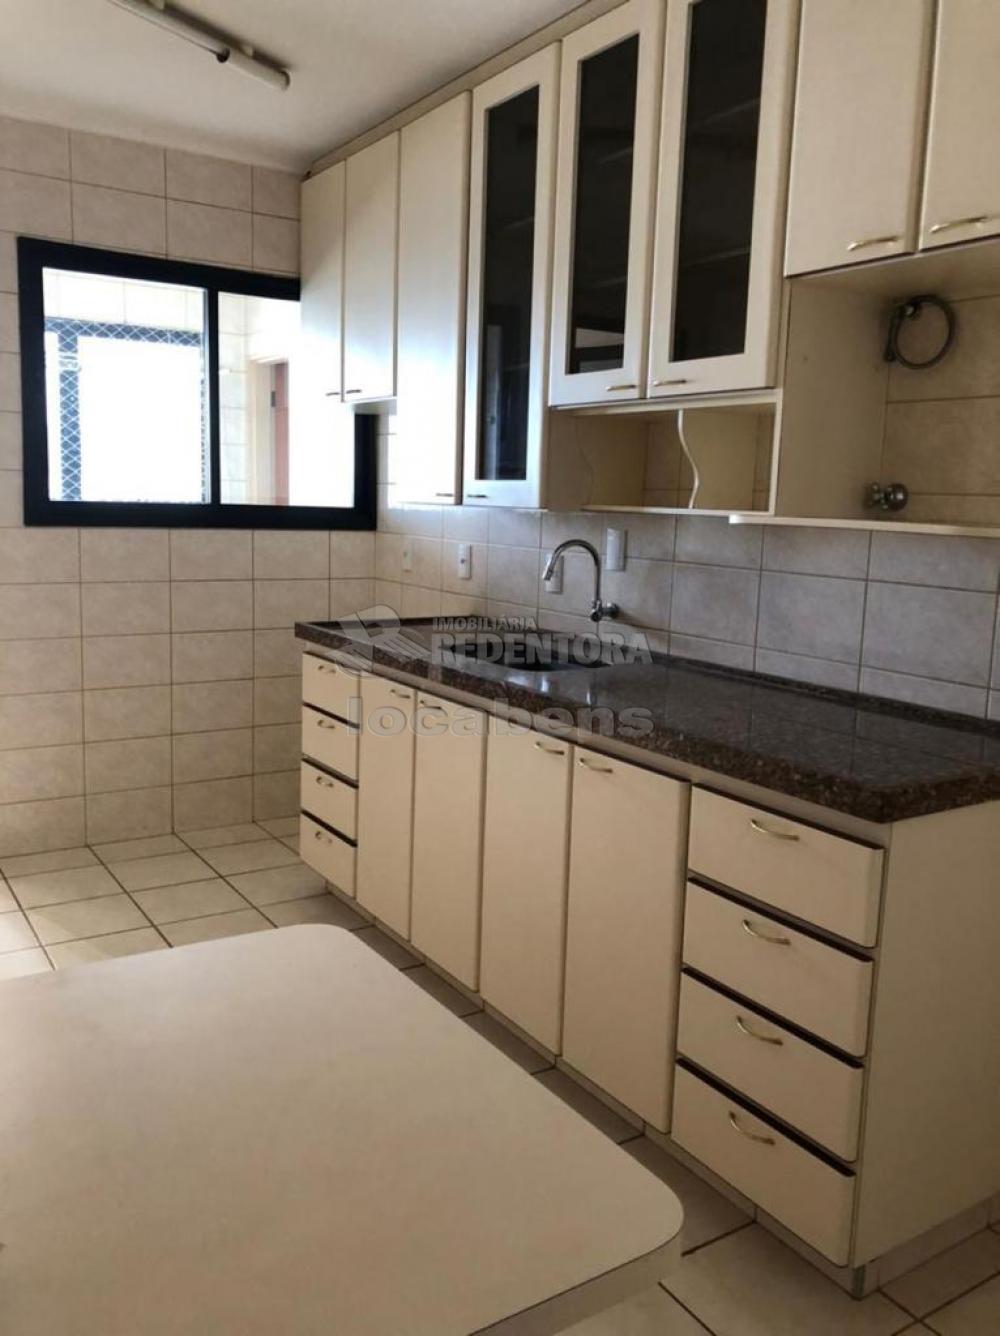 Comprar Apartamento / Padrão em São José do Rio Preto R$ 450.000,00 - Foto 5